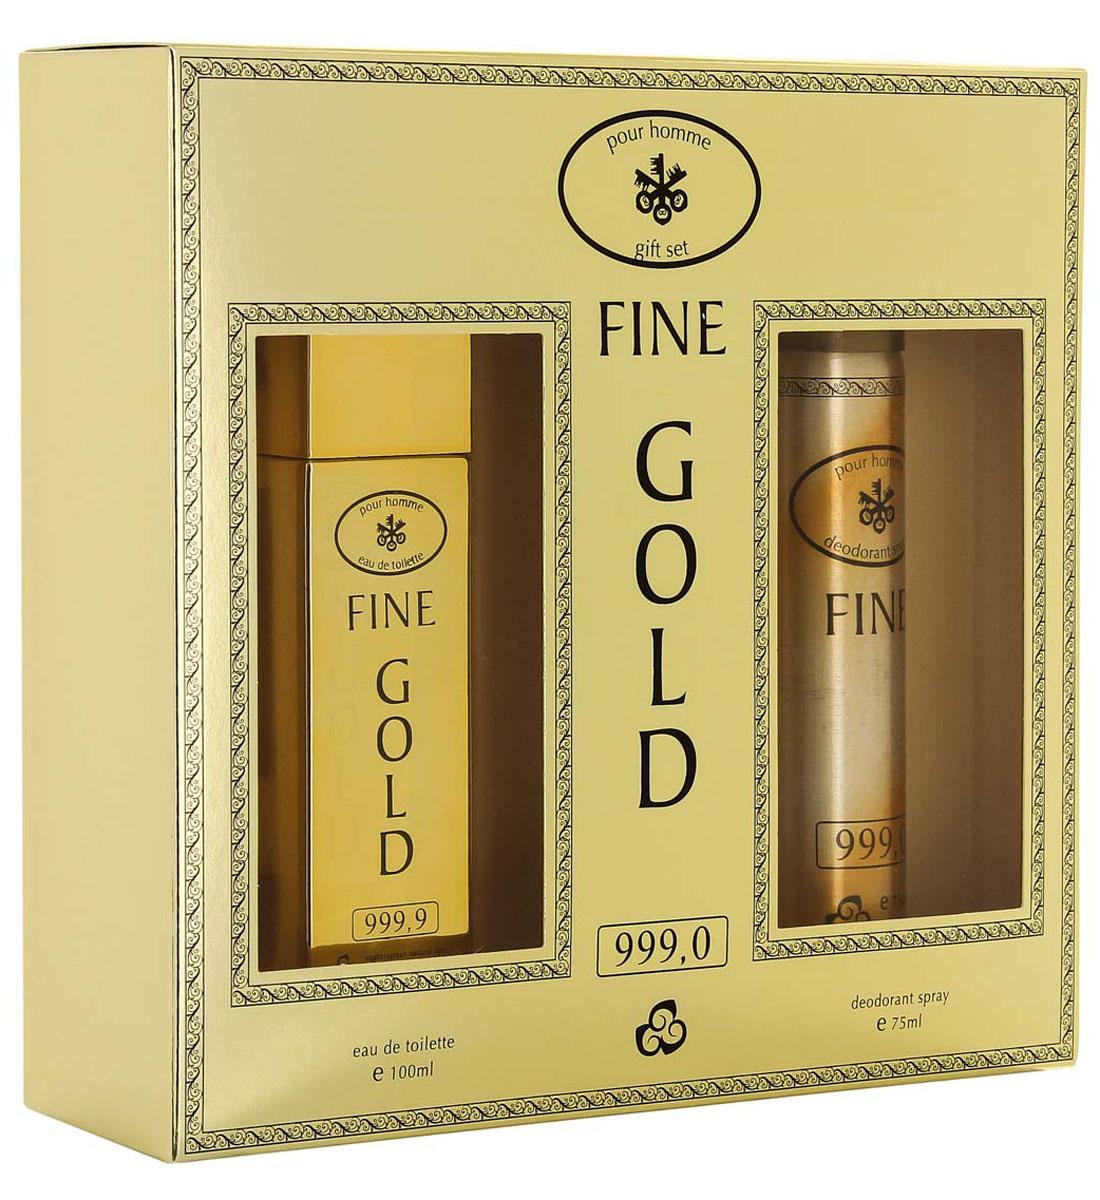 КПК-Парфюм Подарочный набор для мужчин Fine Gold: Туалетная вода, 100 мл + Парфюмированный дезодорант, 75 млGESS-306FINE GOLD это аромат для мужчин. Верхние ноты: грейпфрут, мята и красный мандарин; ноты сердца: роза, корица и специи; ноты базы: кожа, древесные ноты, амбра и пачули из Индии.